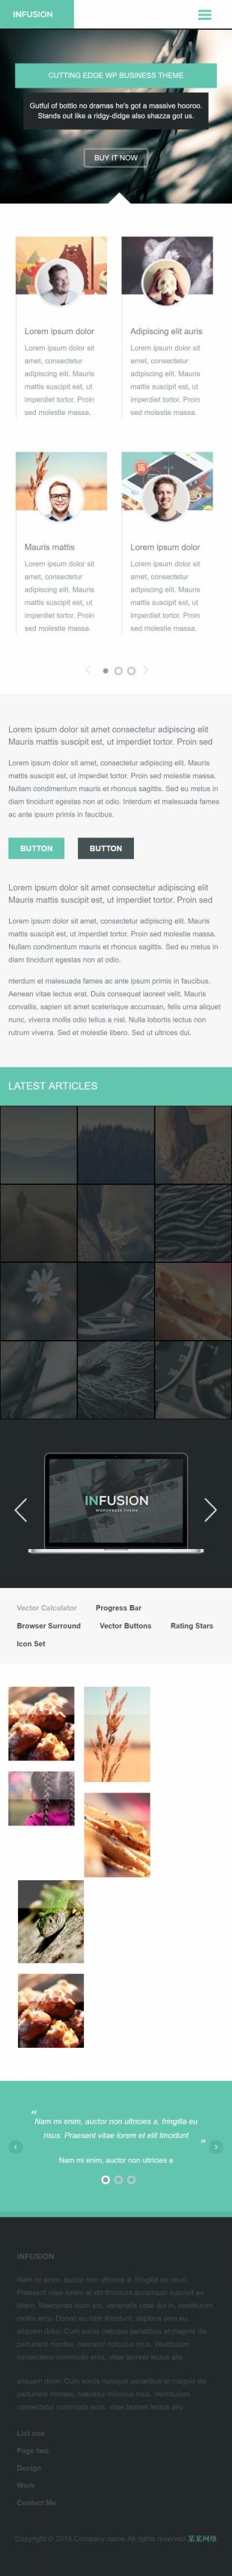 设计介绍类英文模板网站建设手机图片